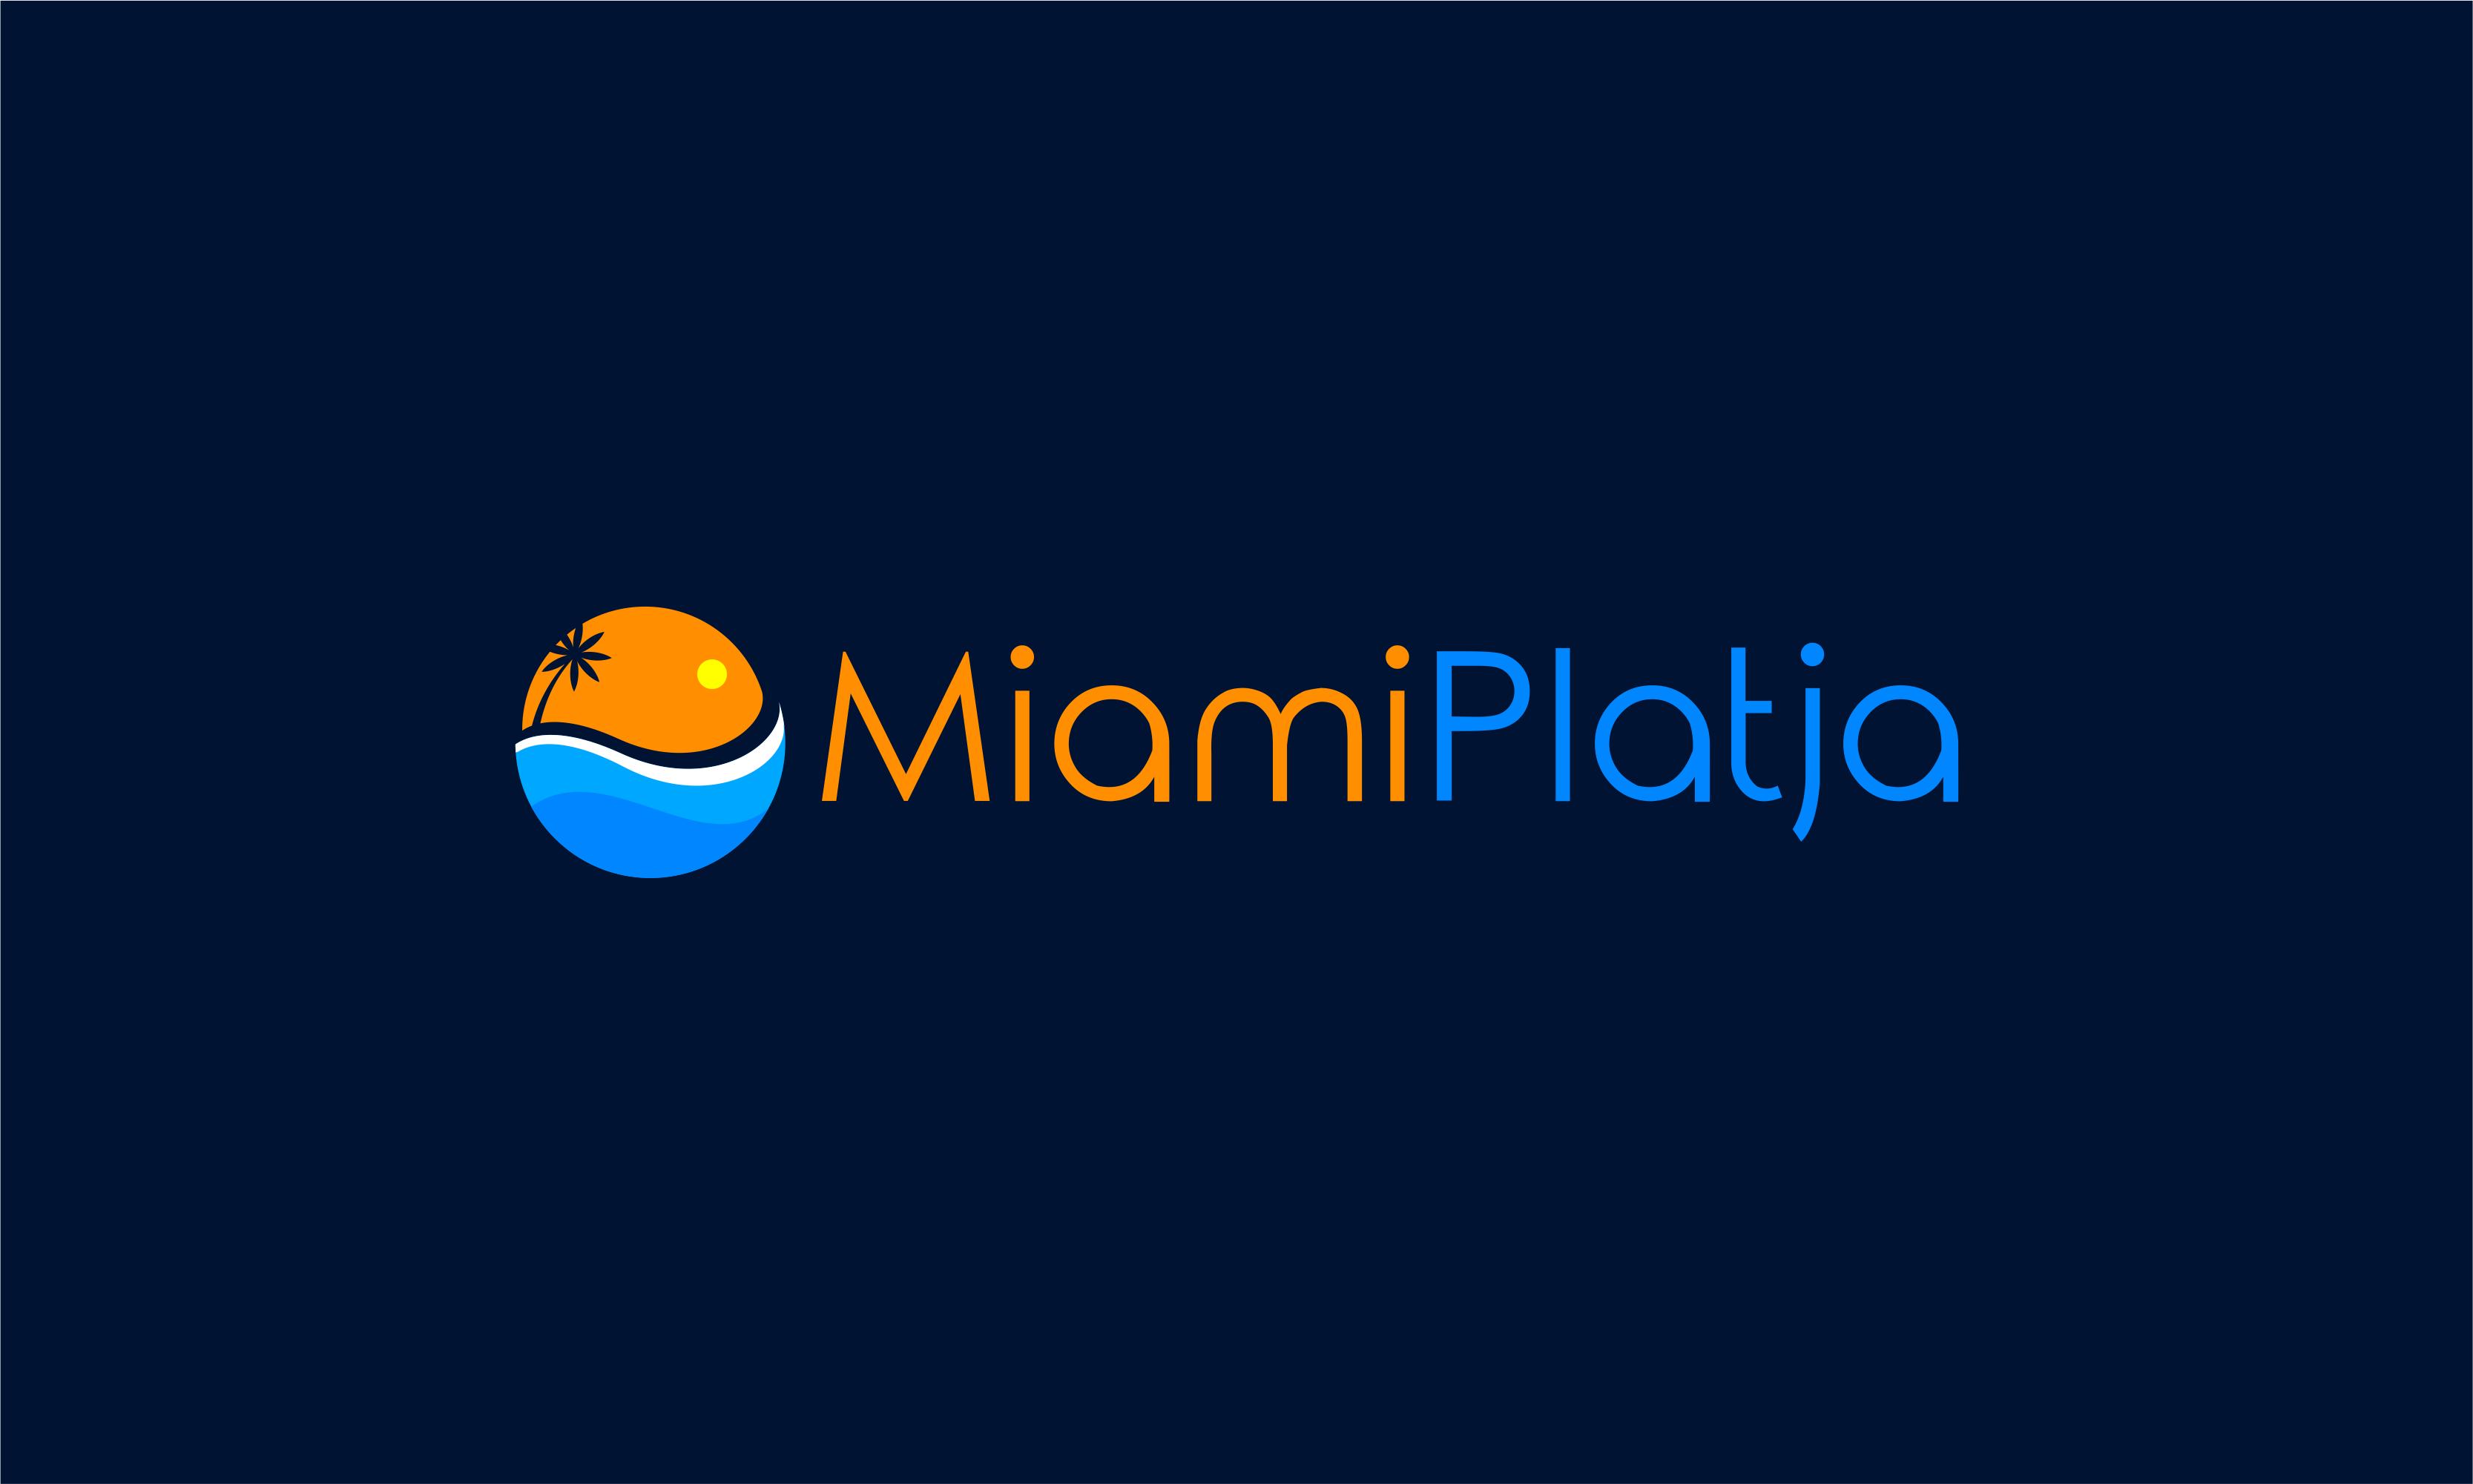 Miamiplatja